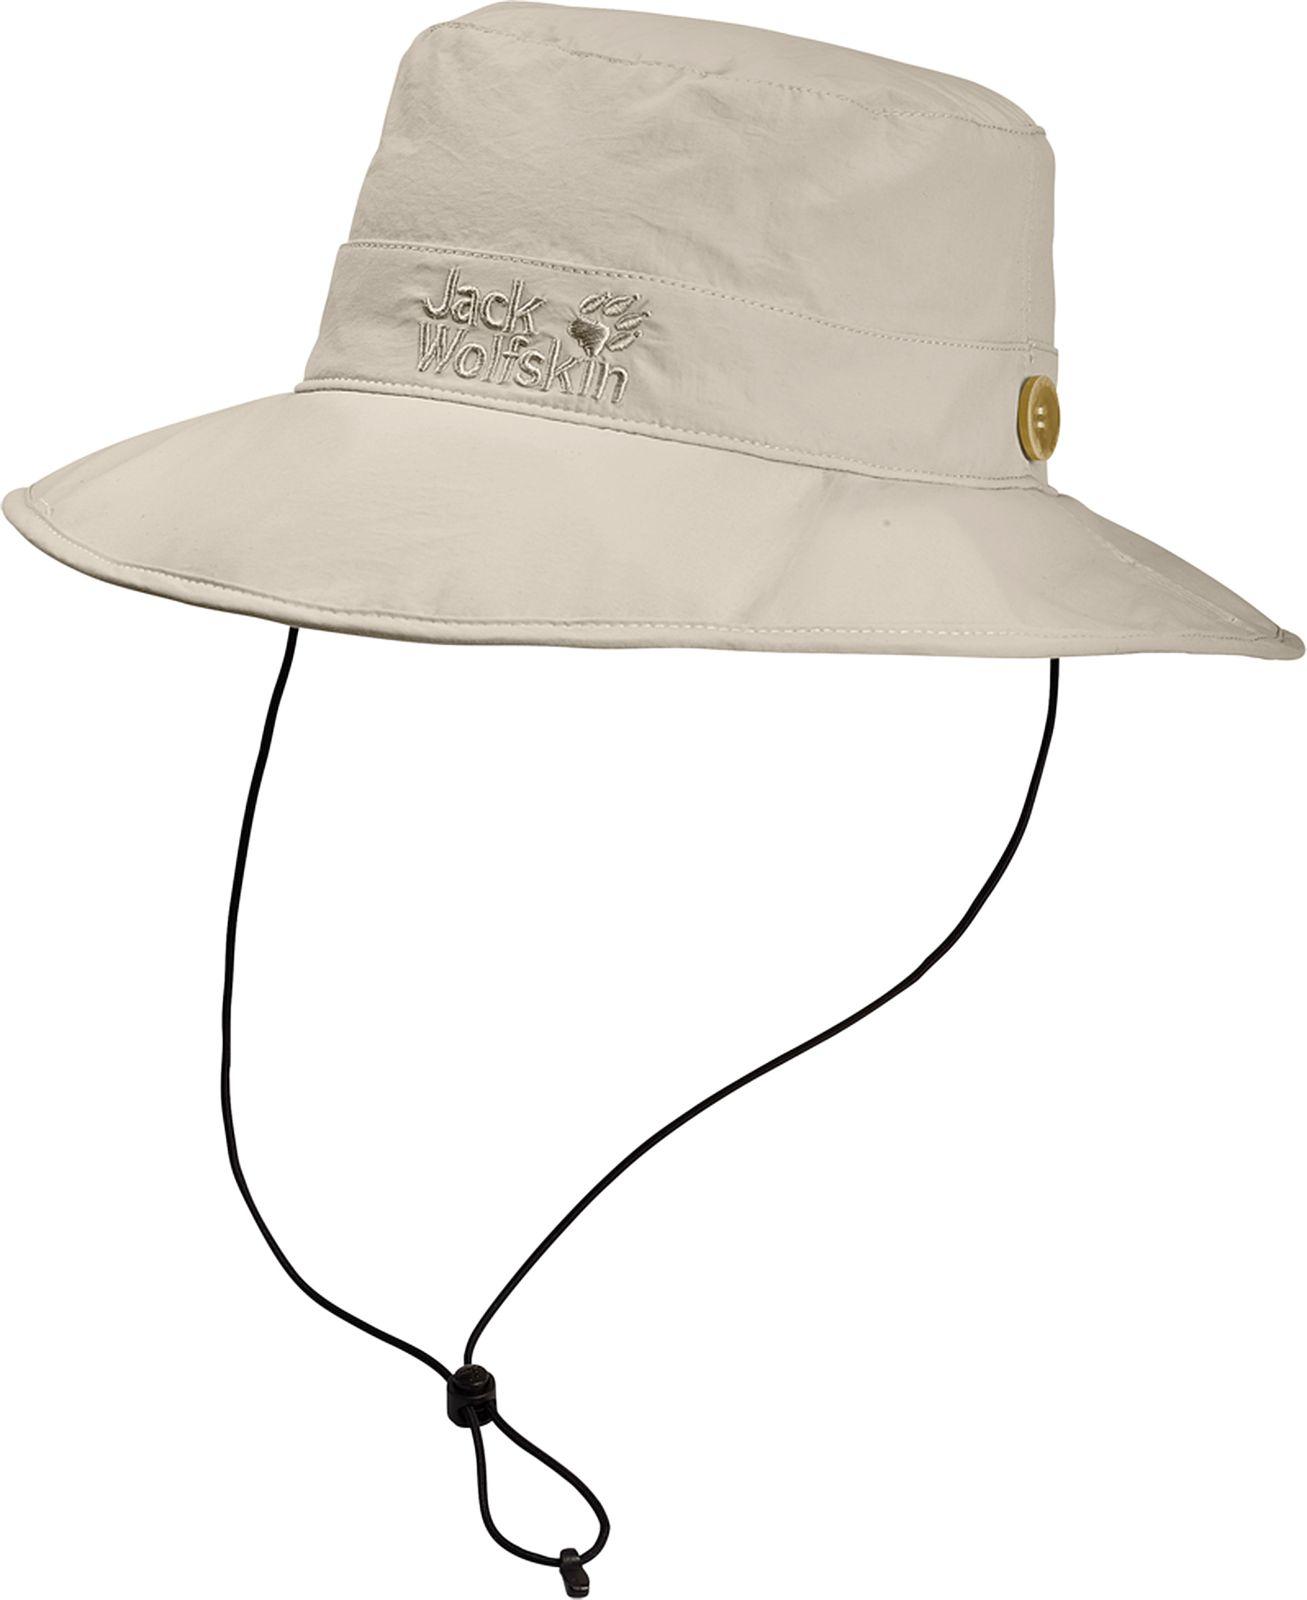 Панама Jack Wolfskin Supplex Mesh Hat, цвет: молочный. 1902042-5505. Размер M (54/57)1902042-5505Панама Supplex Mesh Hat идеально подходит для путешествий. Верх изделия выполнен из материала SUPPLEX (100% полиамид). Это легкая, мягкая и быстросохнущая ткань. Подкладка изготовлена из легкого материала COOLMAX MESH (100% полиэстер), который создает прохладу, выводит влагу наружу и обеспечивает комфорт при носке. Панама имеет широкие поля, а также обладает высокой защитой от ультрафиолета (UPF 40+), поэтому она идеально защитит вашу голову и лицо от палящего солнца. Панама фиксируется с помощью затягивающегося шнурка. Модель выполнена в однотонном дизайне и дополнена вышивкой с логотипом бренда.